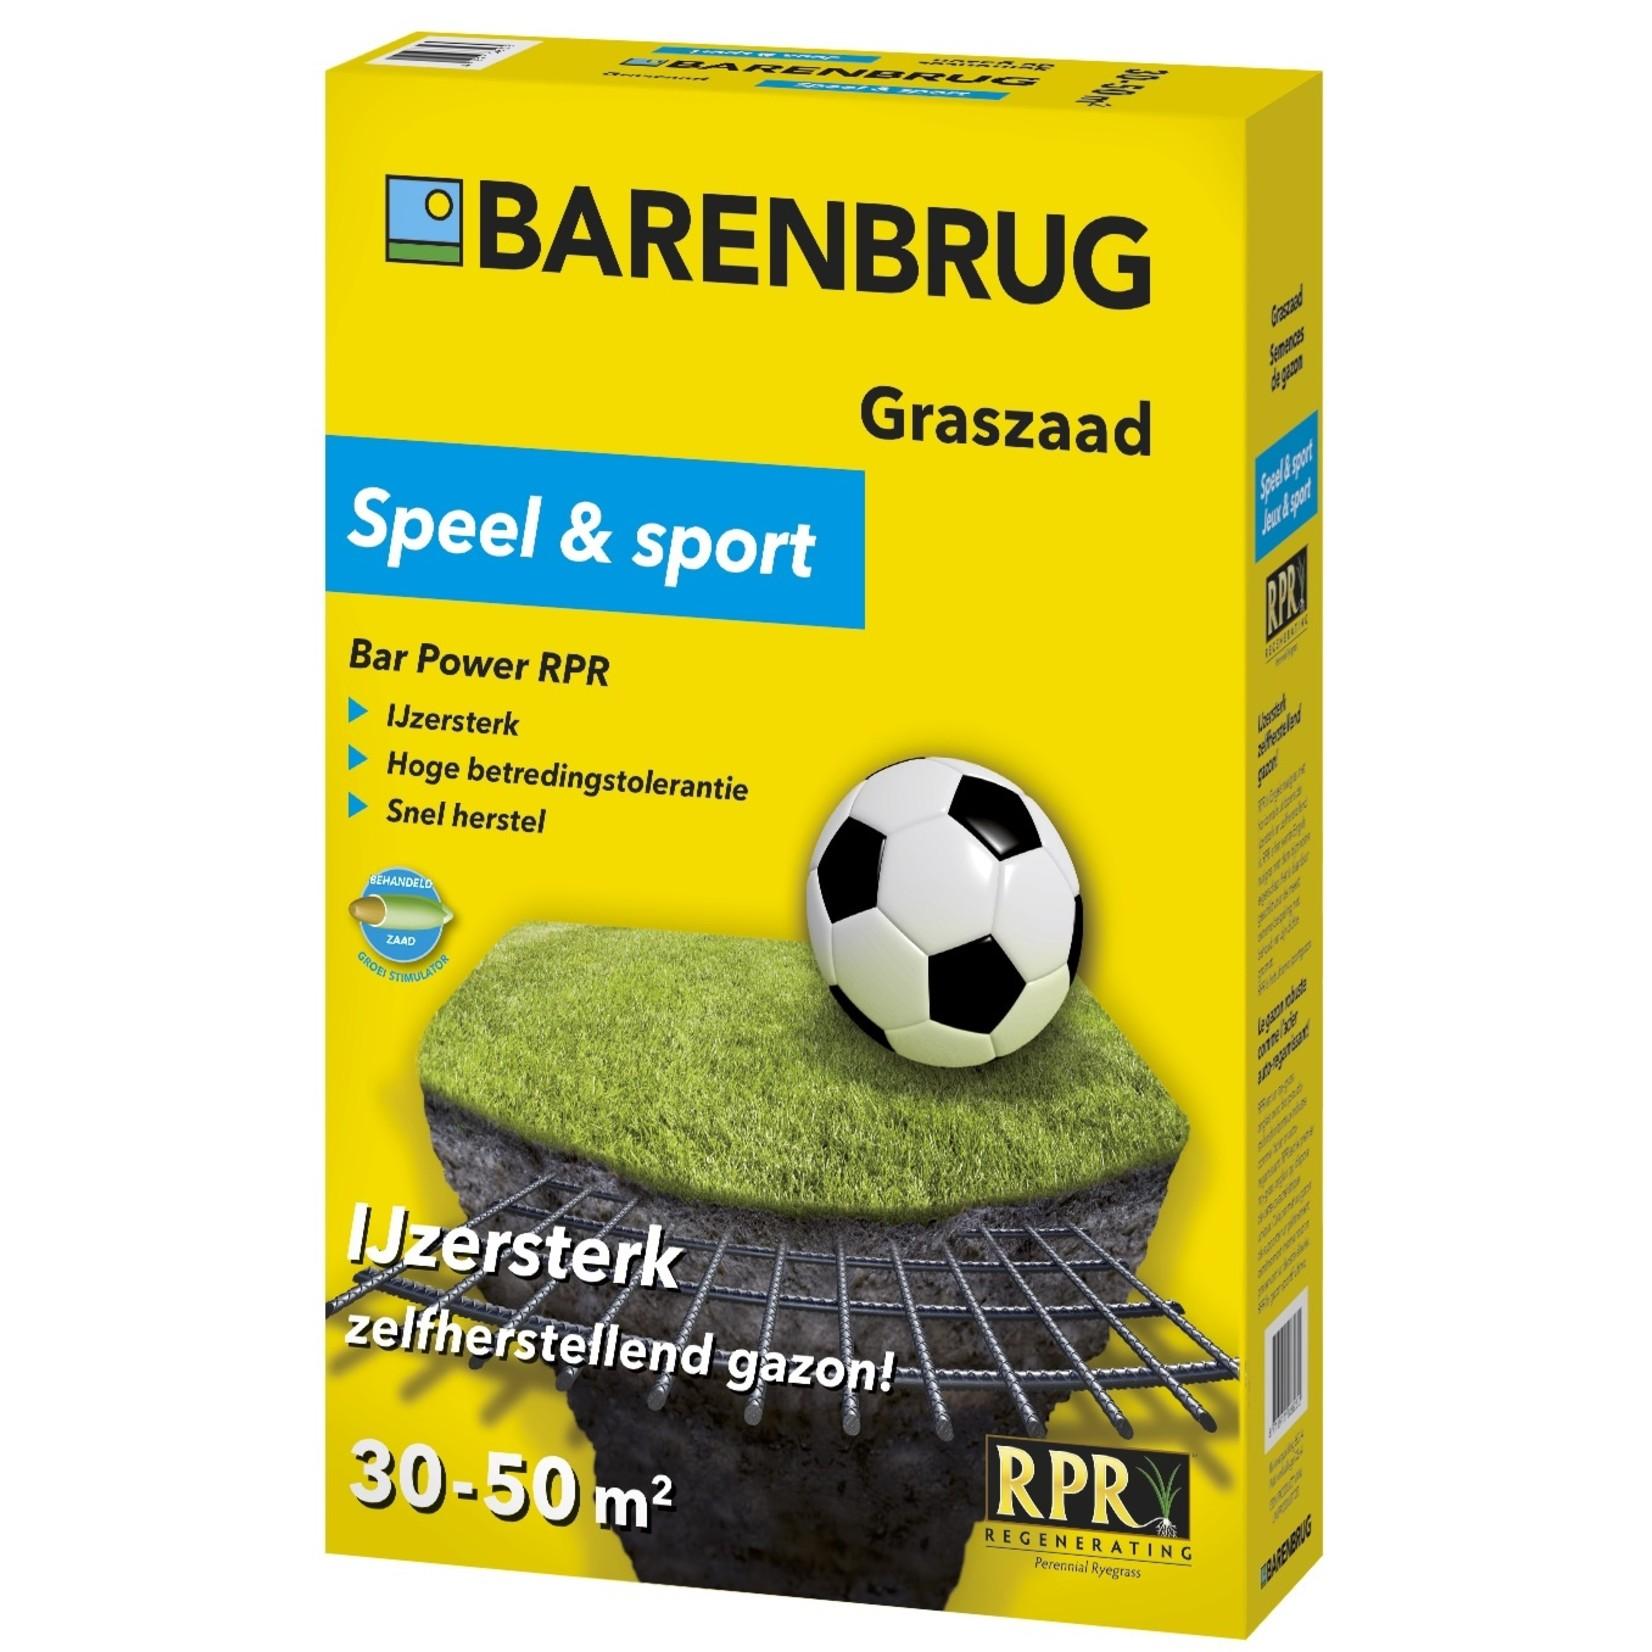 Barenbrug Speel en Sport graszaad 1 kg (30-50 m²)